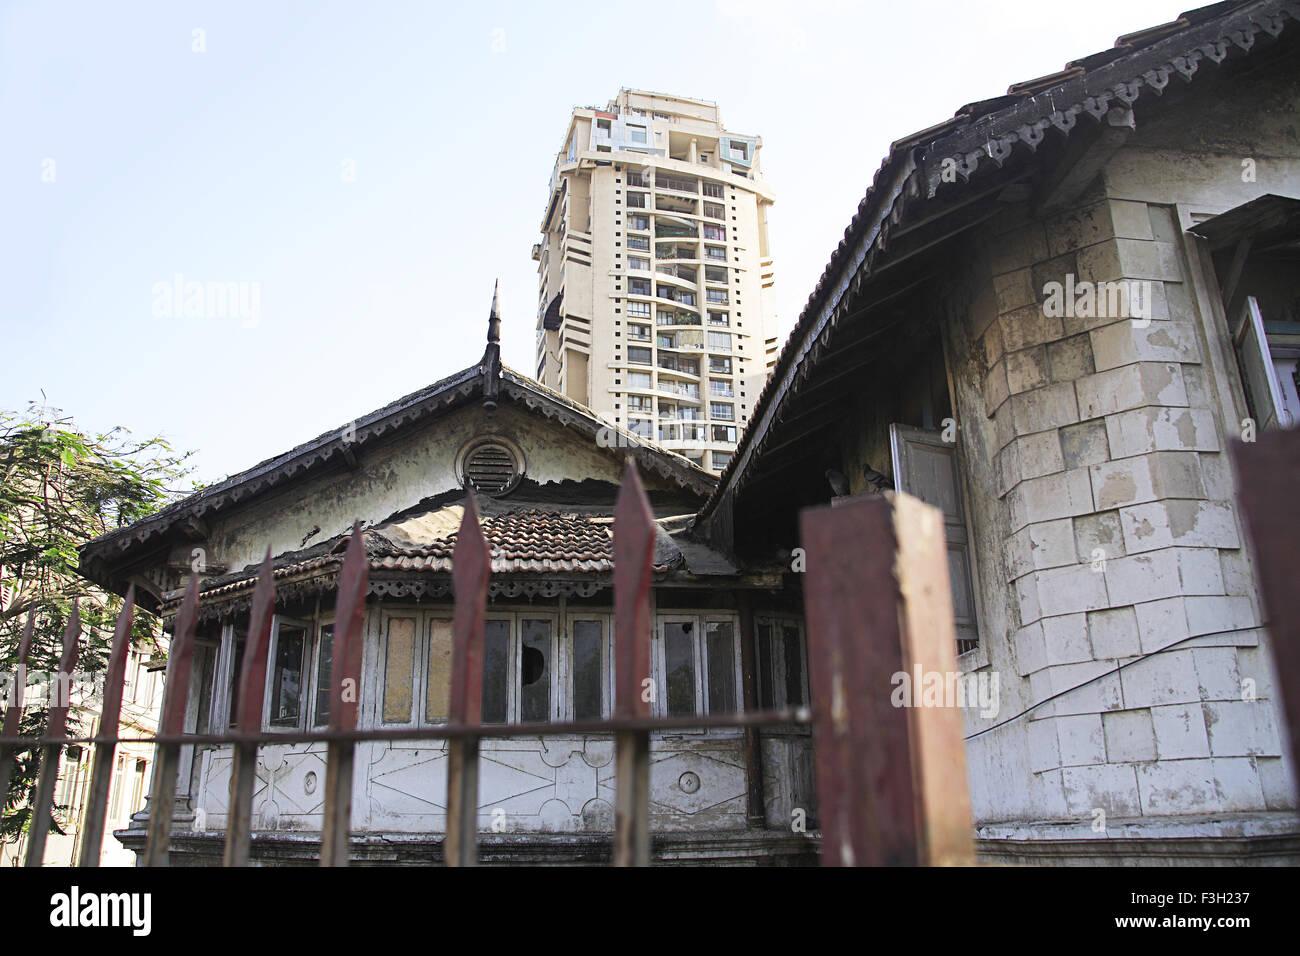 Buildings at J. Shankar Sheth marg ; Grant Road ; Bombay Mumbai ; Maharashtra ; India - Stock Image